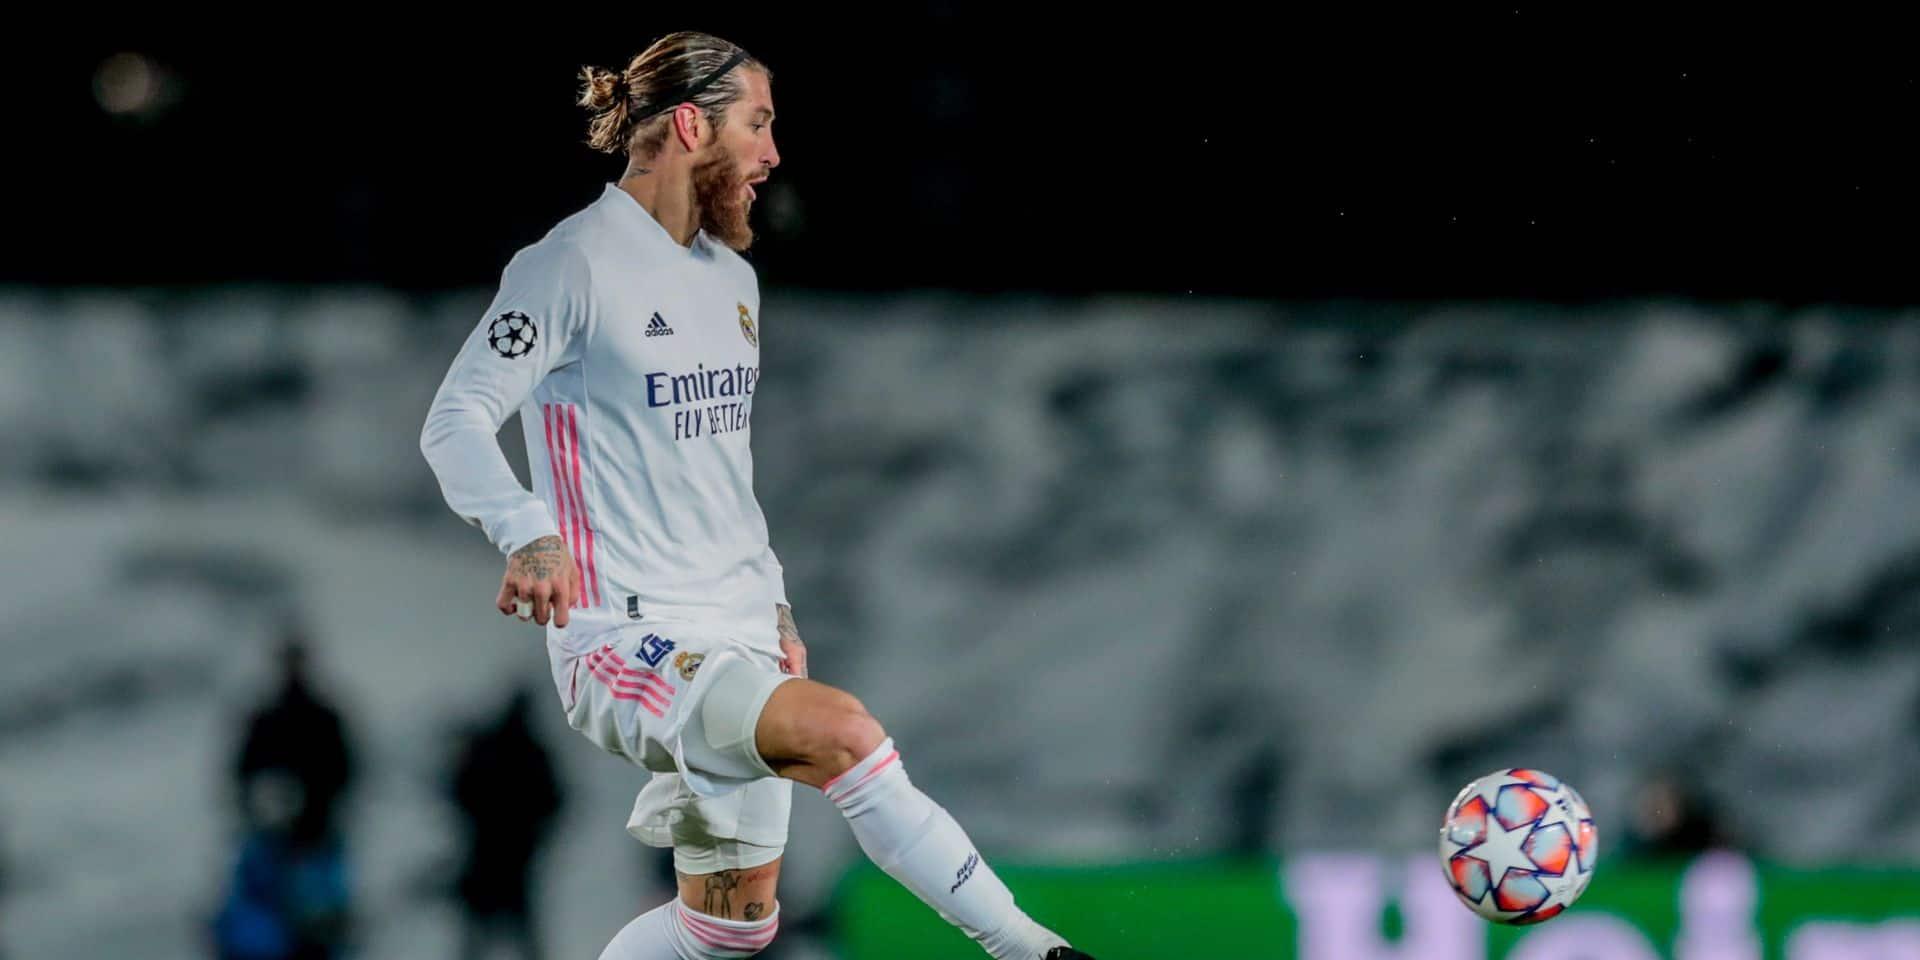 Journal du mercato (06/01): un pacte secret entre le PSG et le Real Madrid ?